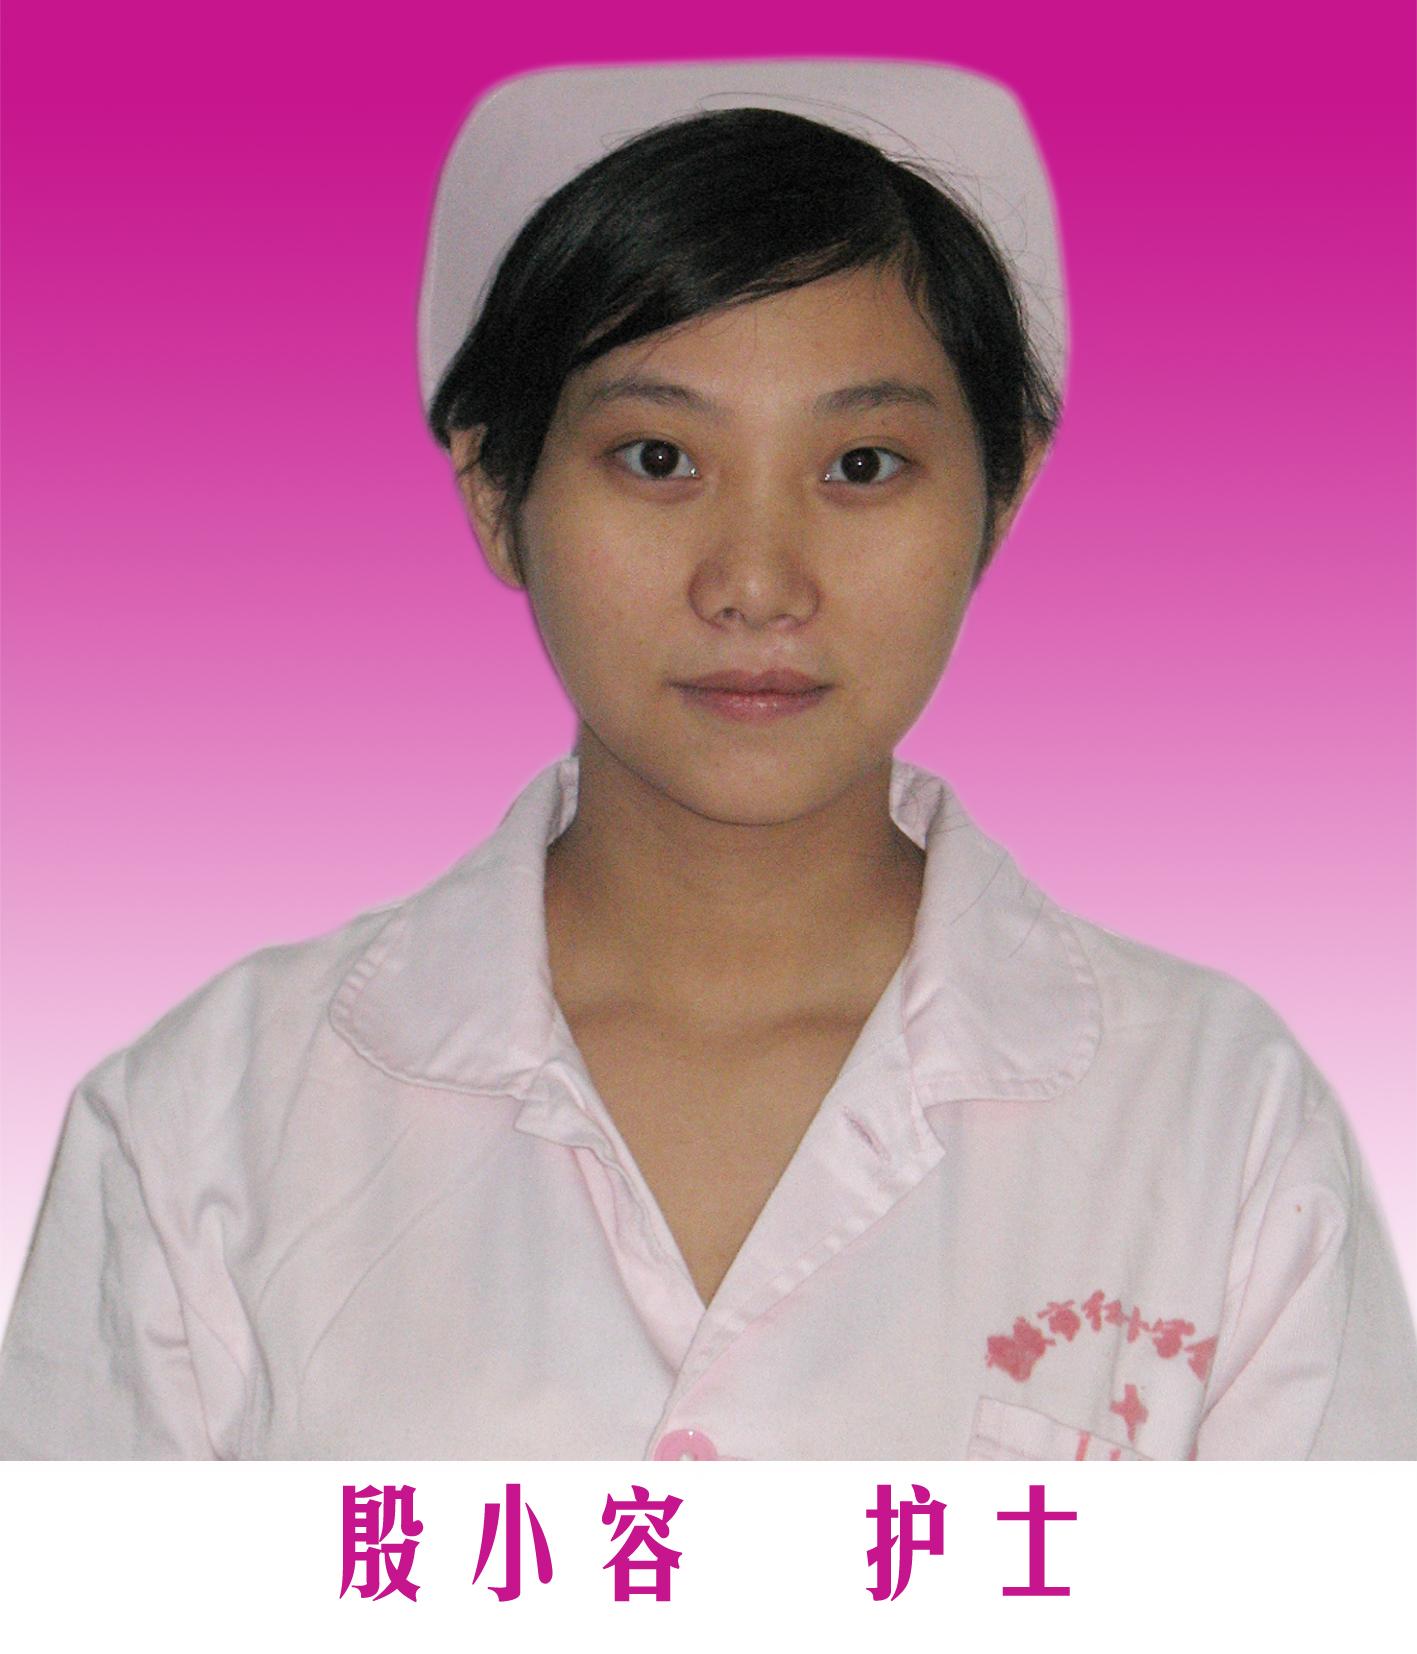 淮北卫校包月女qq_许昌卫校包月女生电 - www.qiqidown.com